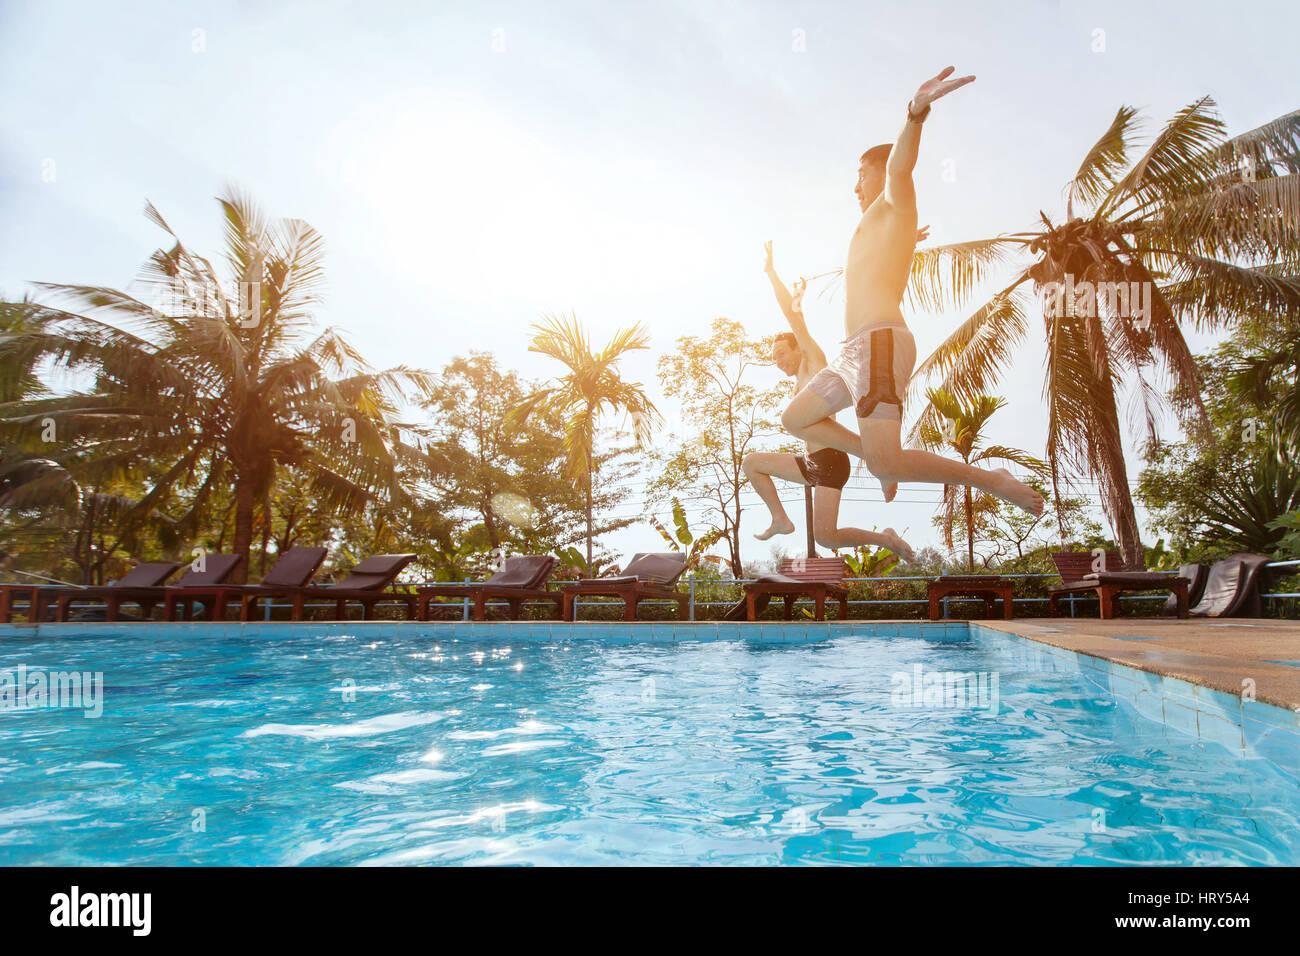 Personas saltando a la piscina, vacaciones en la playa, amigos divirtiéndonos juntos Imagen De Stock